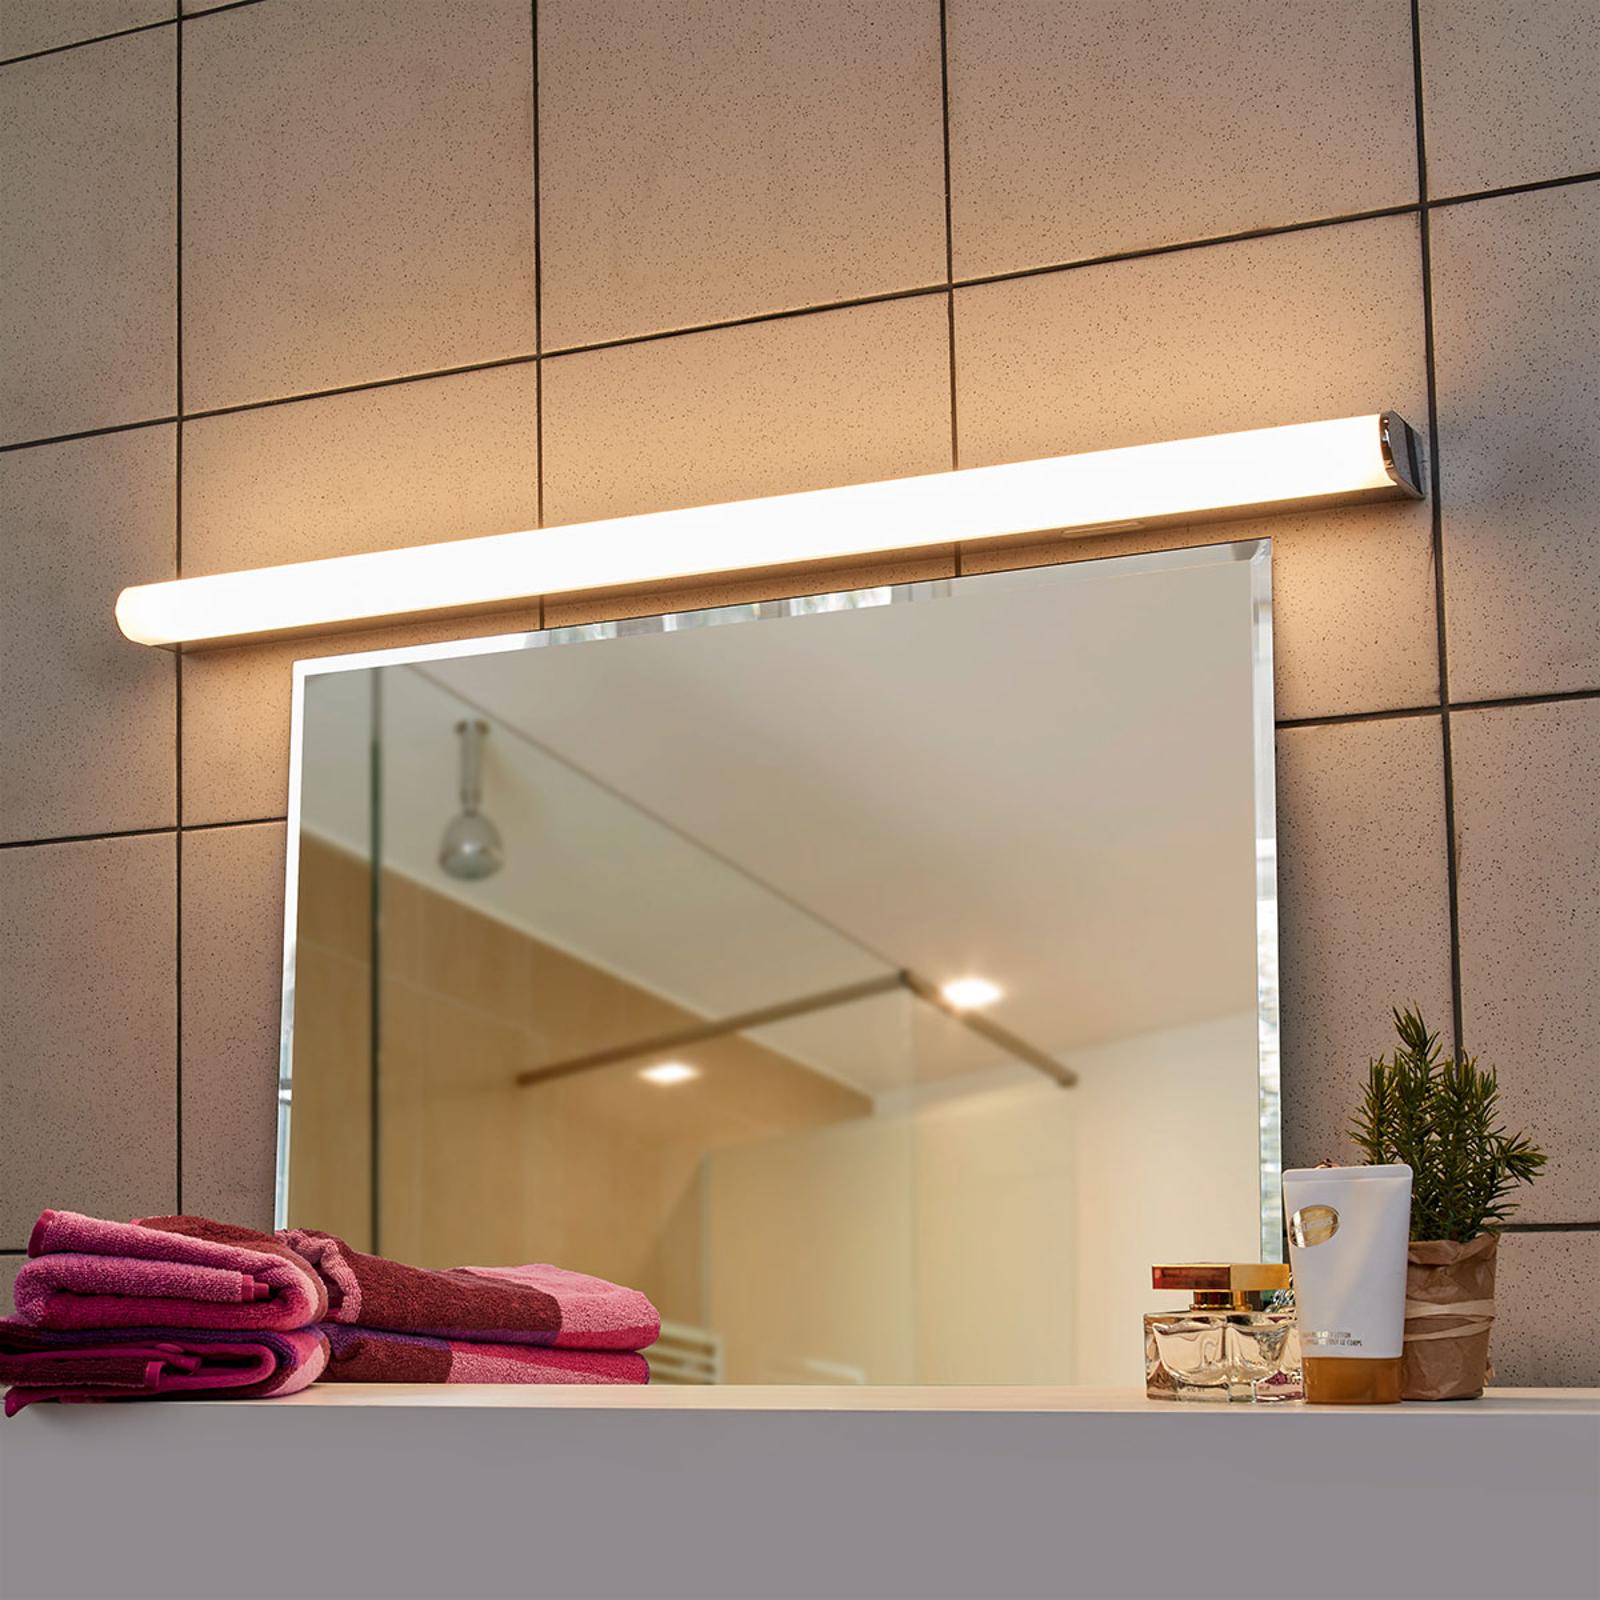 LED vägglampa Jesko bad 3000 6500K, 89 cm